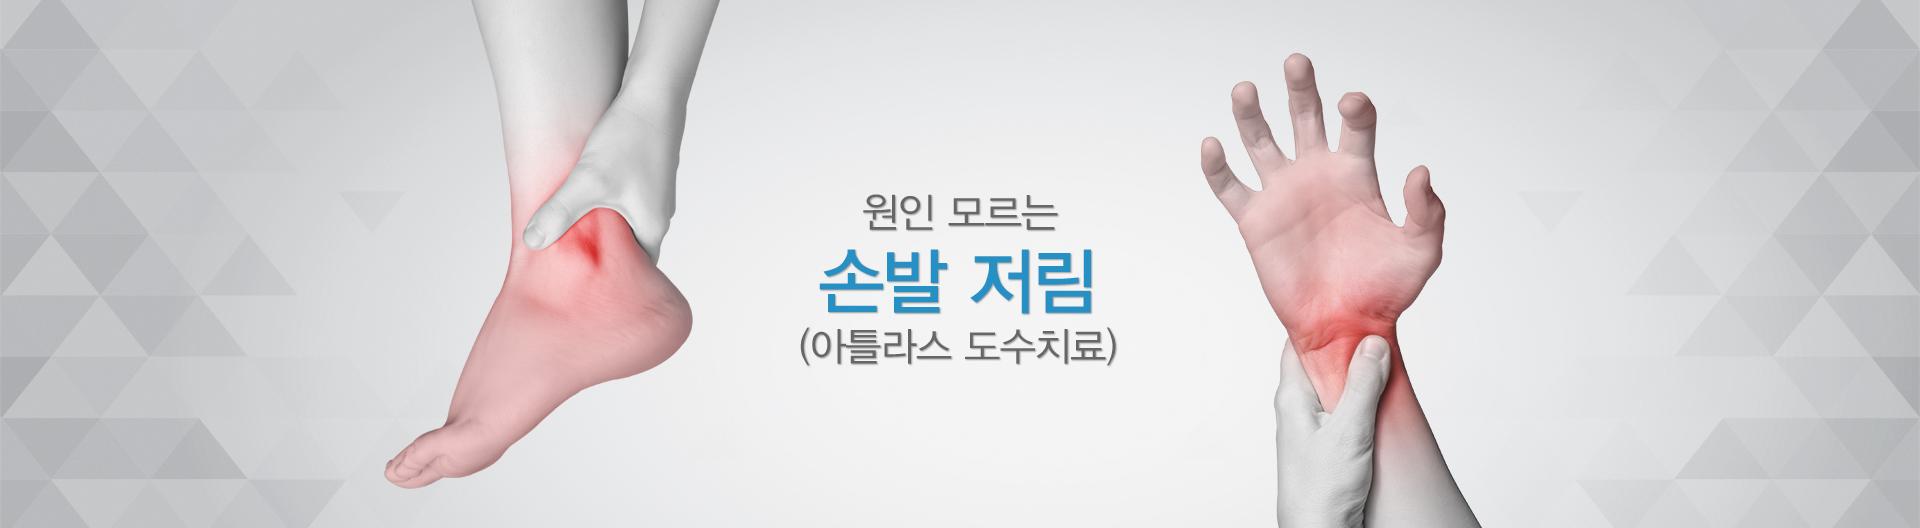 메인비쥬얼3